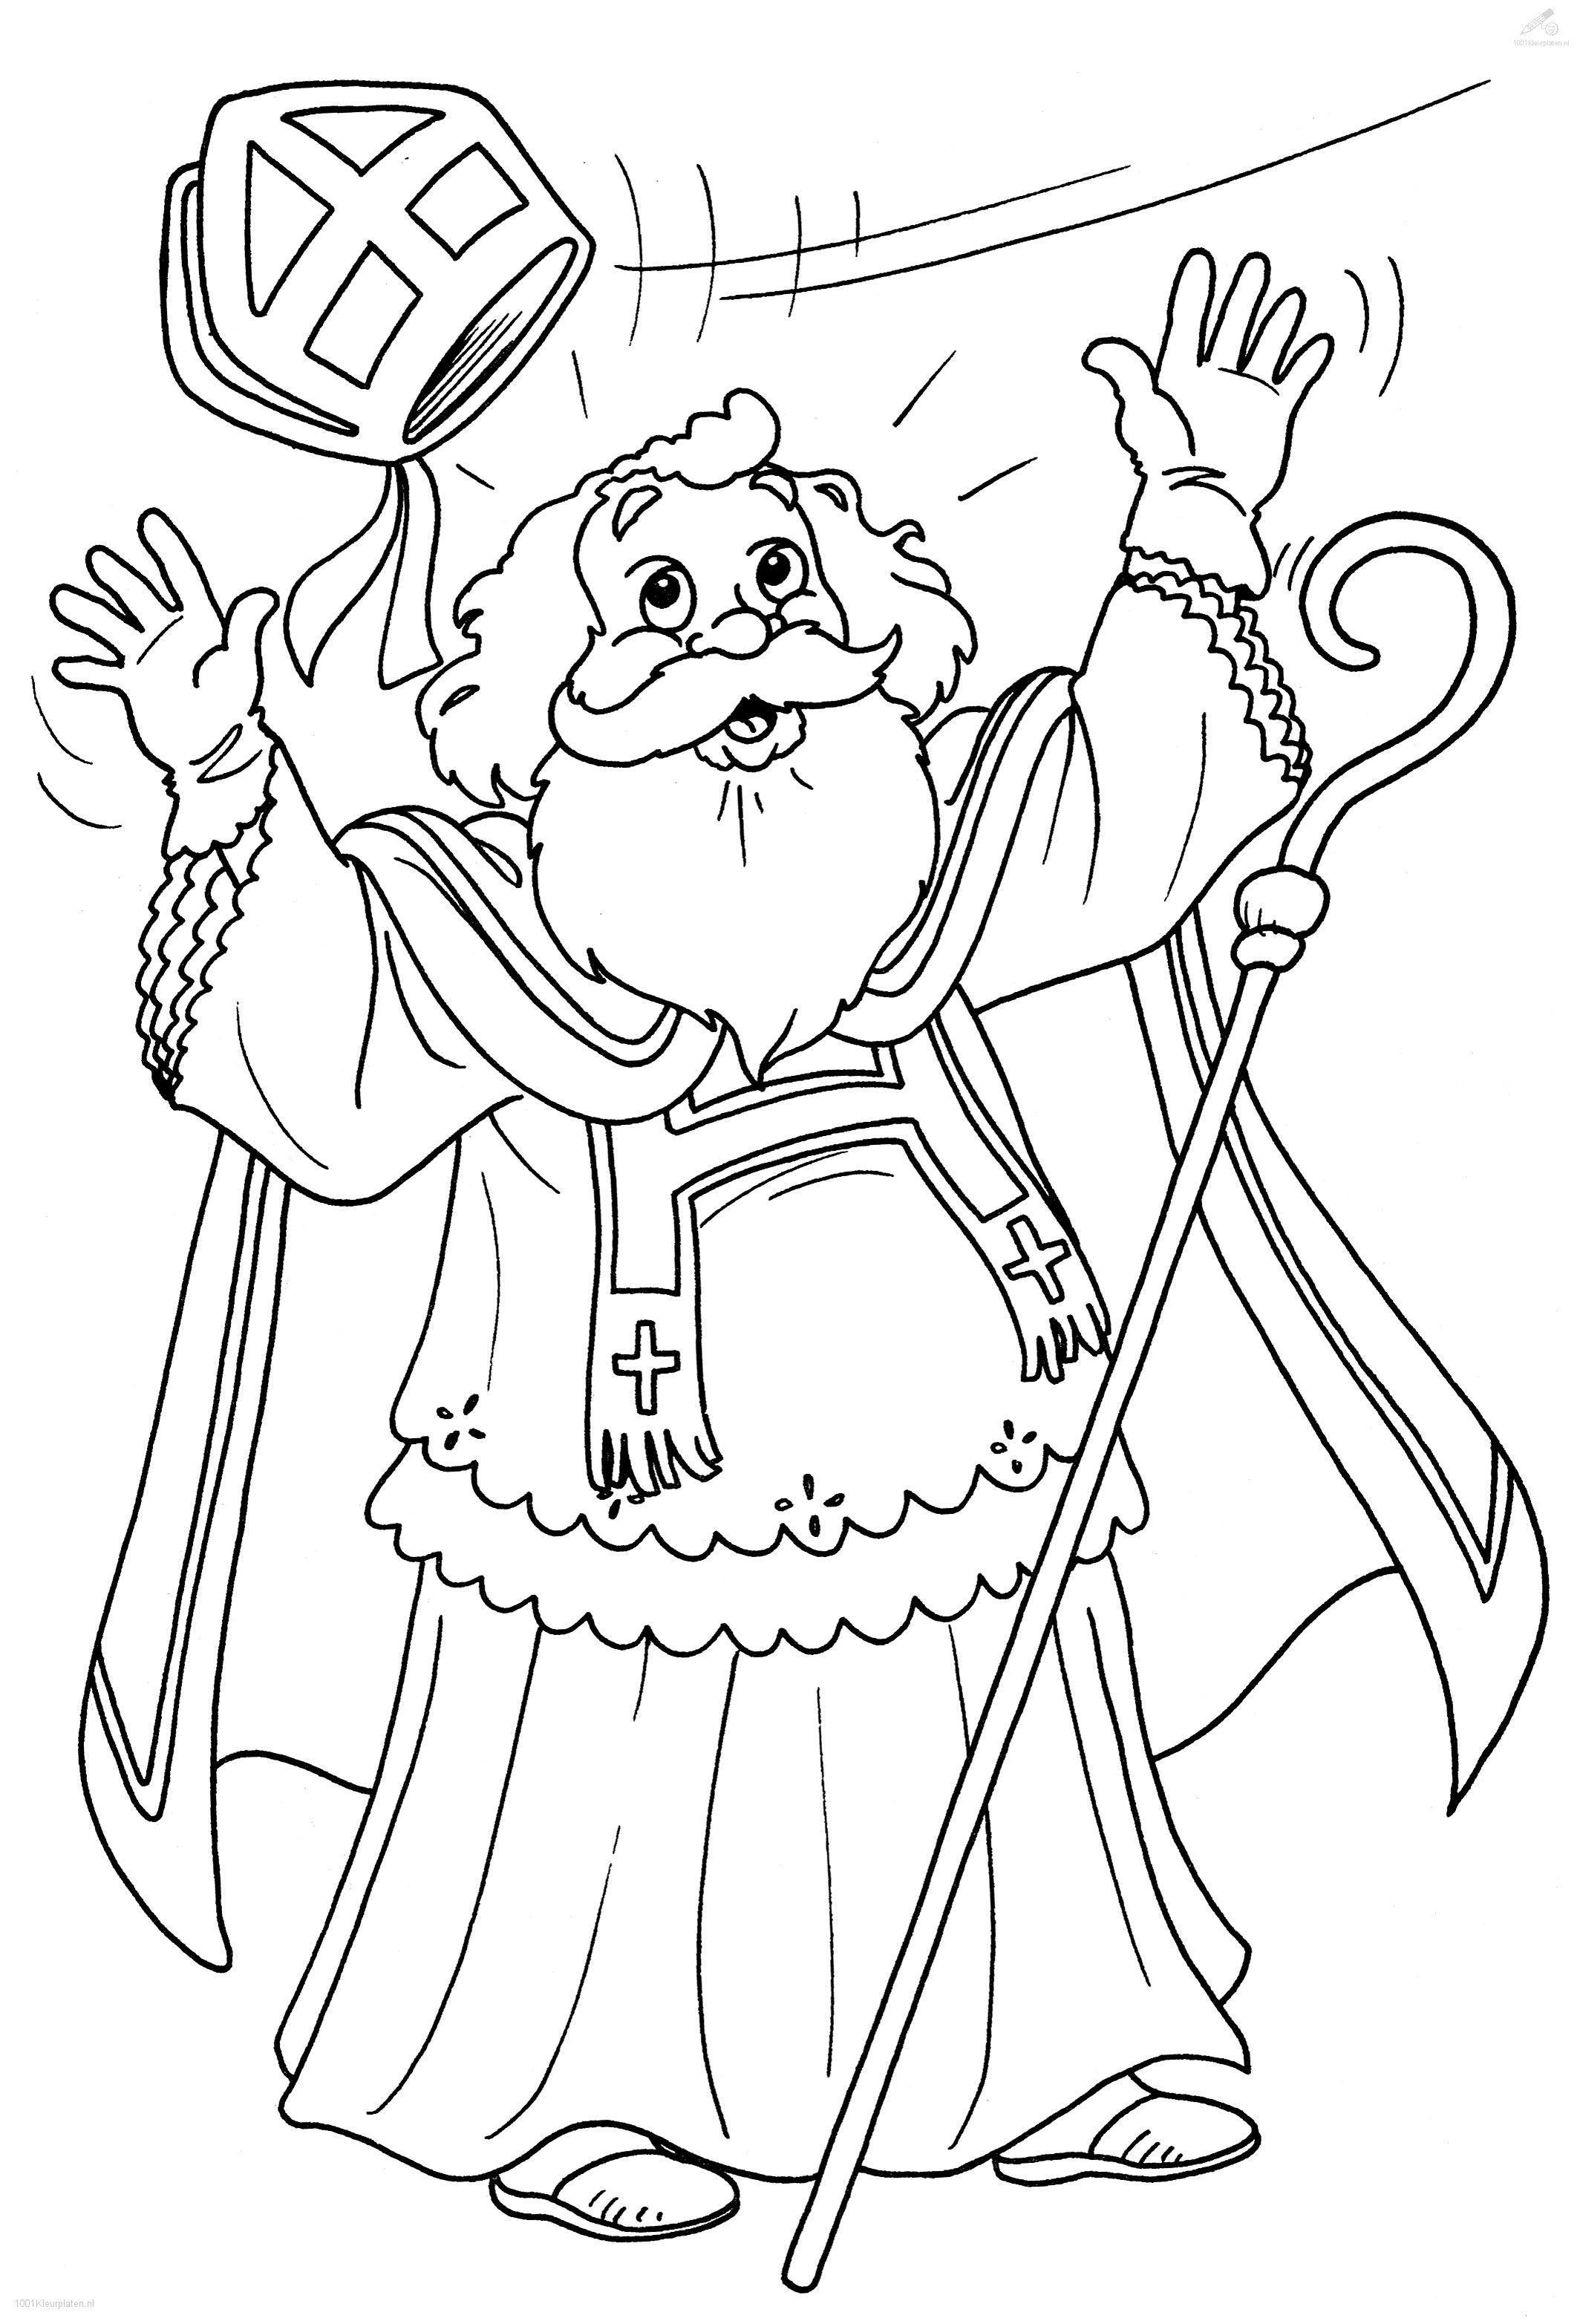 1001 Kleurplaten Sinterklaas Sint De Mijter Van Sint Beste Sinterklaas Kleurplaten Mandalas 20 Nieuwe Sin Sinterklaas Kleurplaten Knutselen Sinterklaas